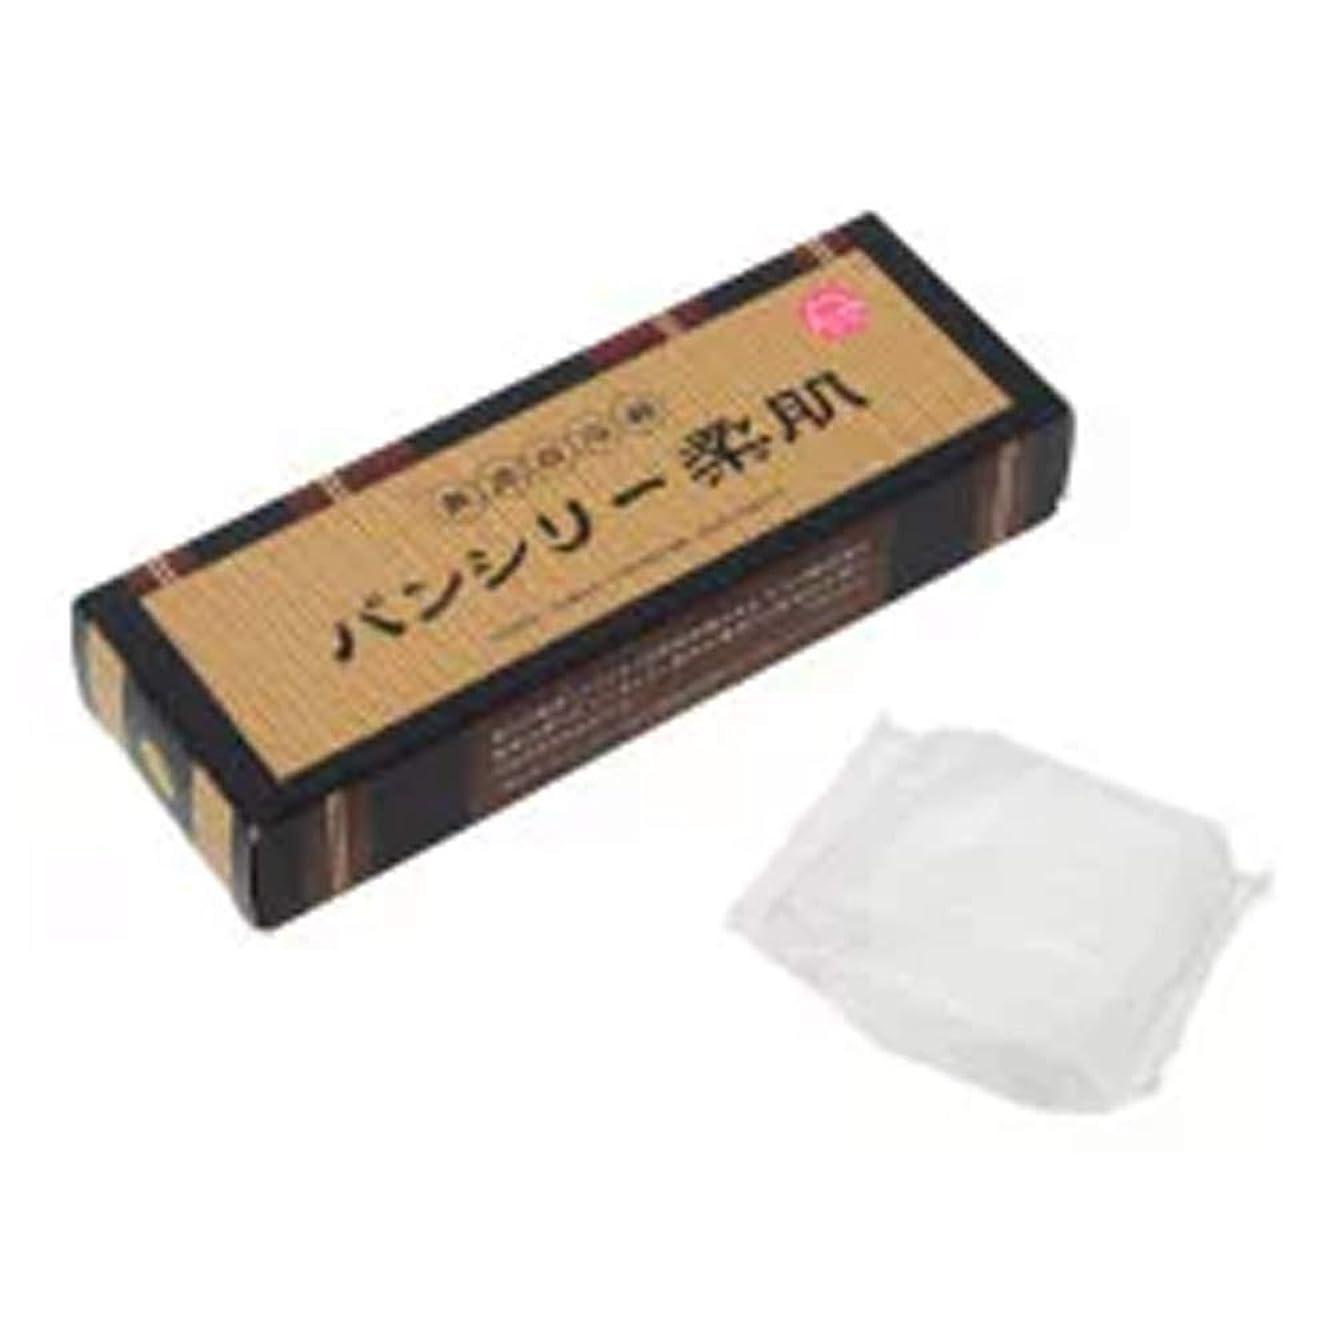 ドール故意の反対したパンシリー柔肌 60g×3個 石鹸 せっけん 渋柿 コンフリー コラーゲン ヒアルロン酸